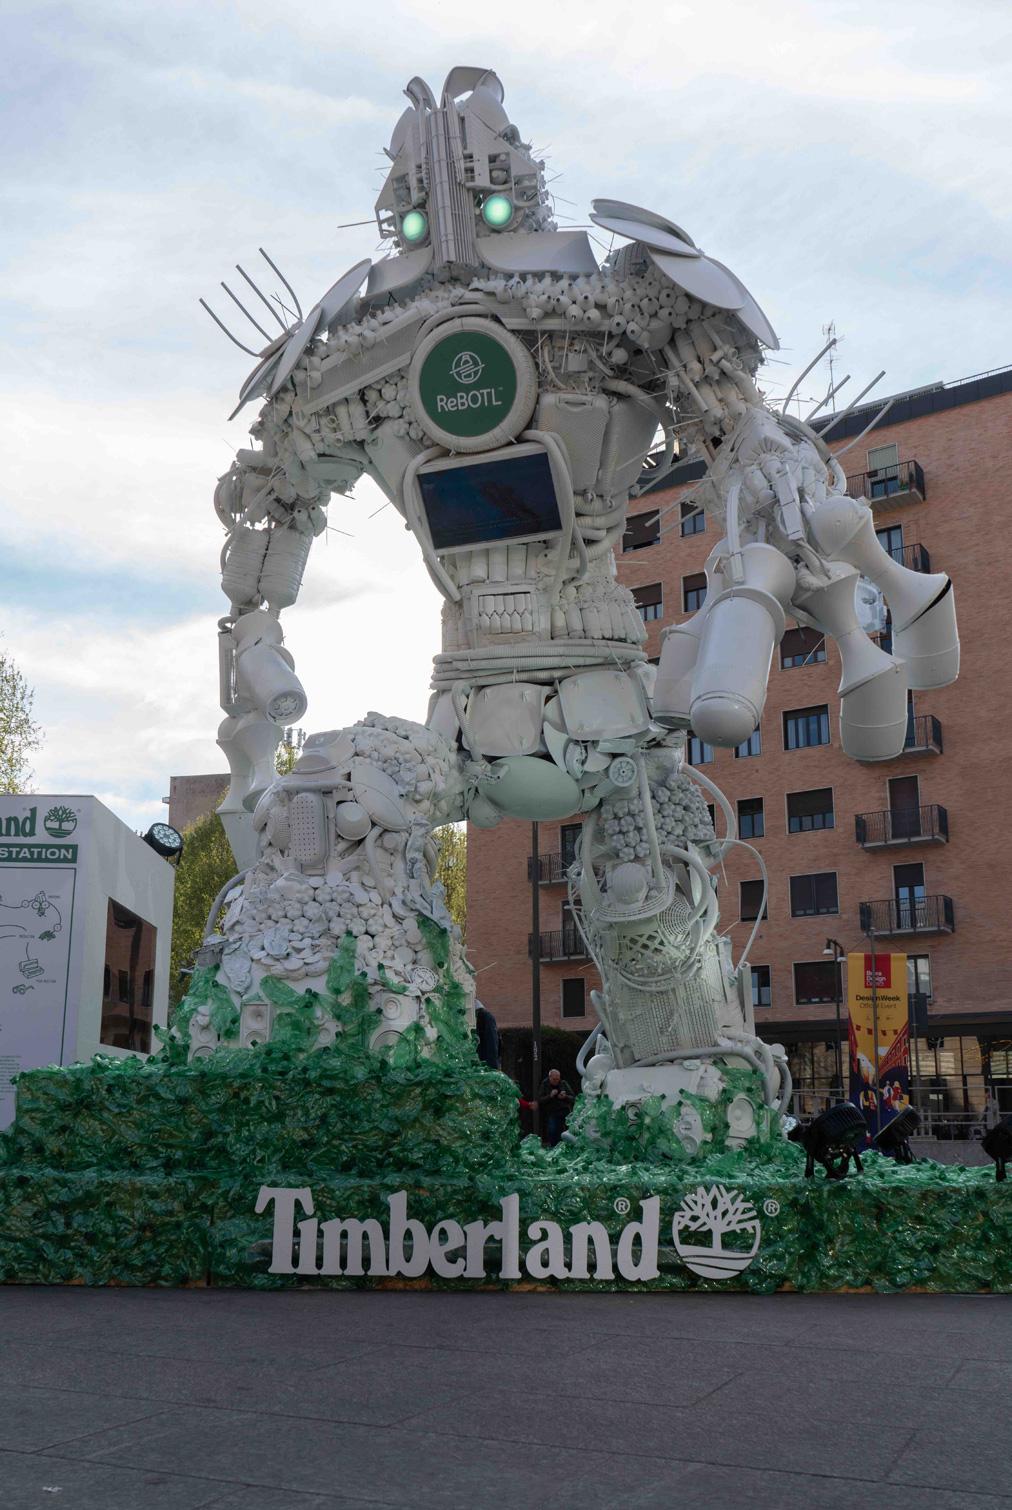 Robotl - Fuorisalone 2019